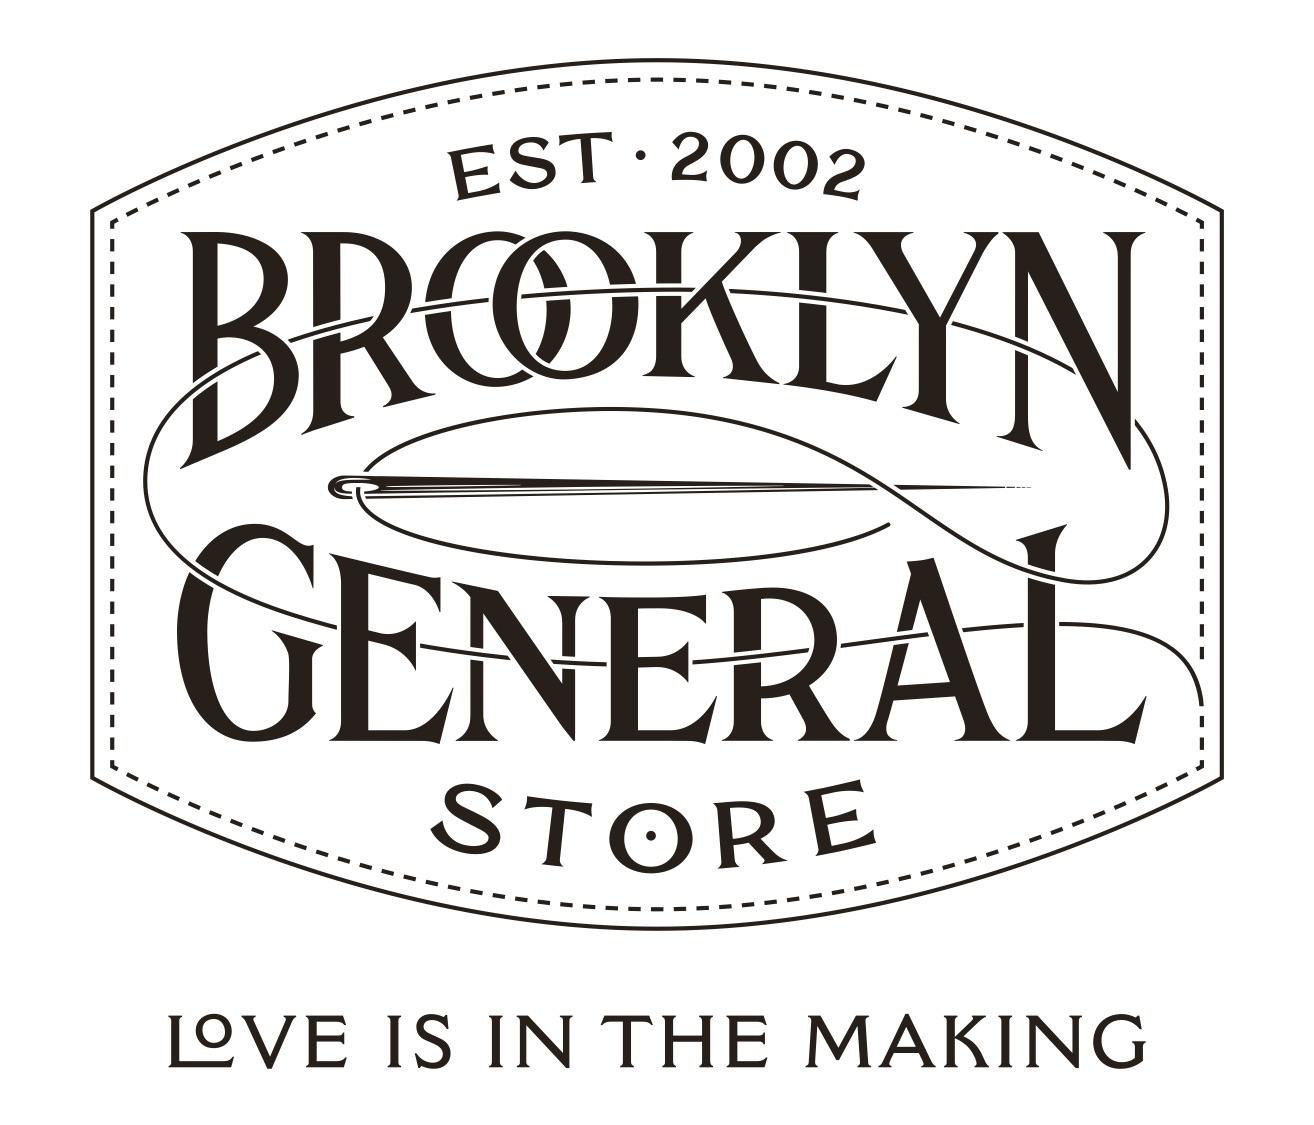 BrooklynGeneralStore final(reverse)-02.jpg